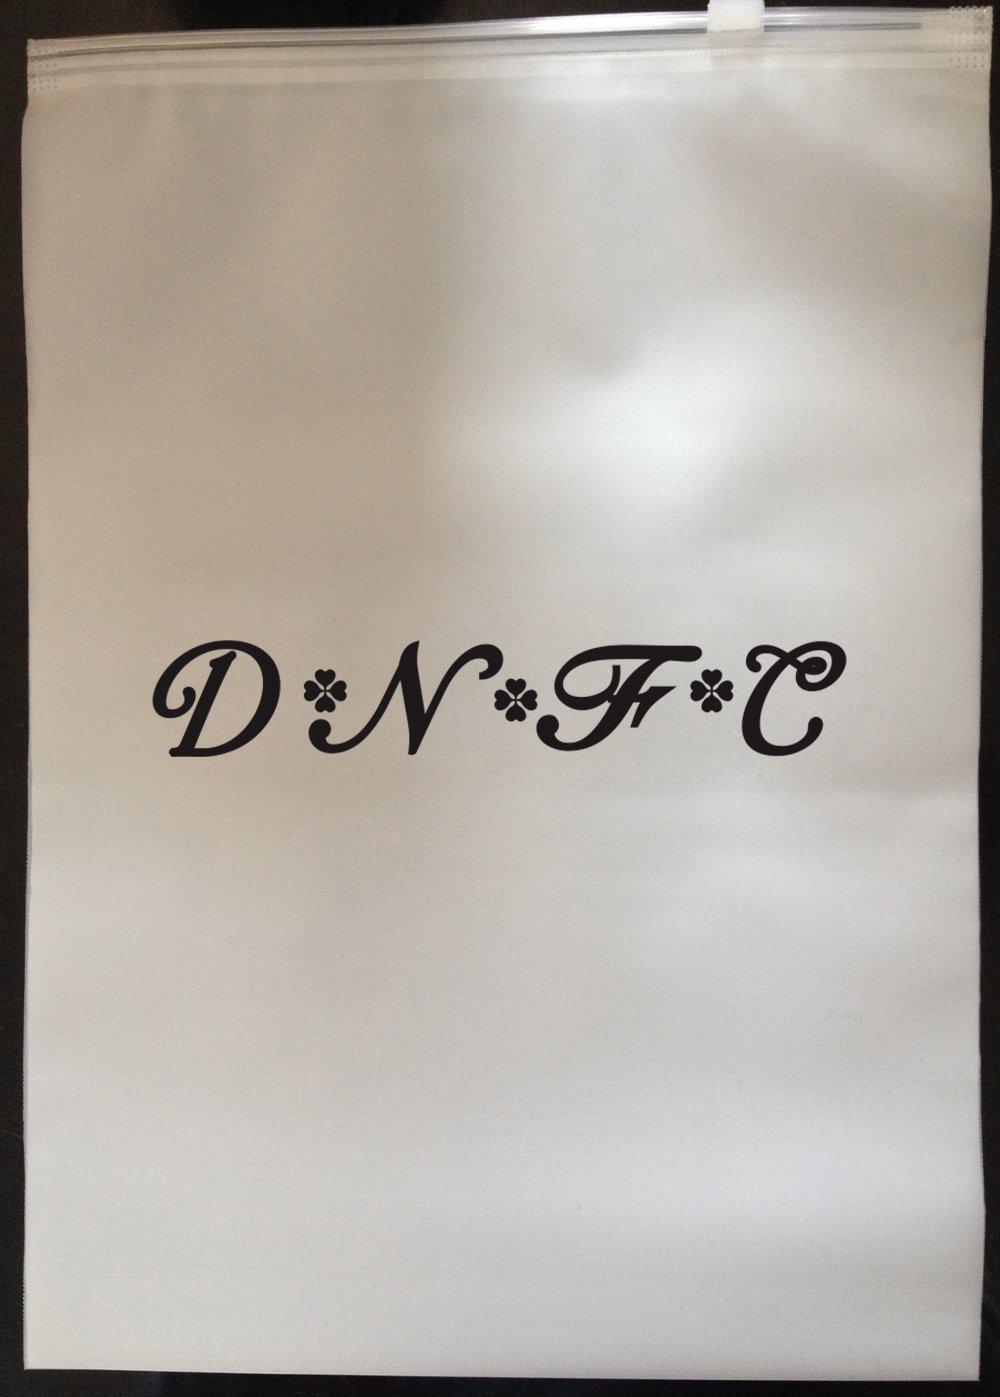 DNFC Sac /à Cordon Toile Sac de Sport Homme Femme Grand Sac Cordelette avec Poche Int/érieure Fille Garcon Fitness Sac de Gym pour Voyage Festival Shopping /école Sport